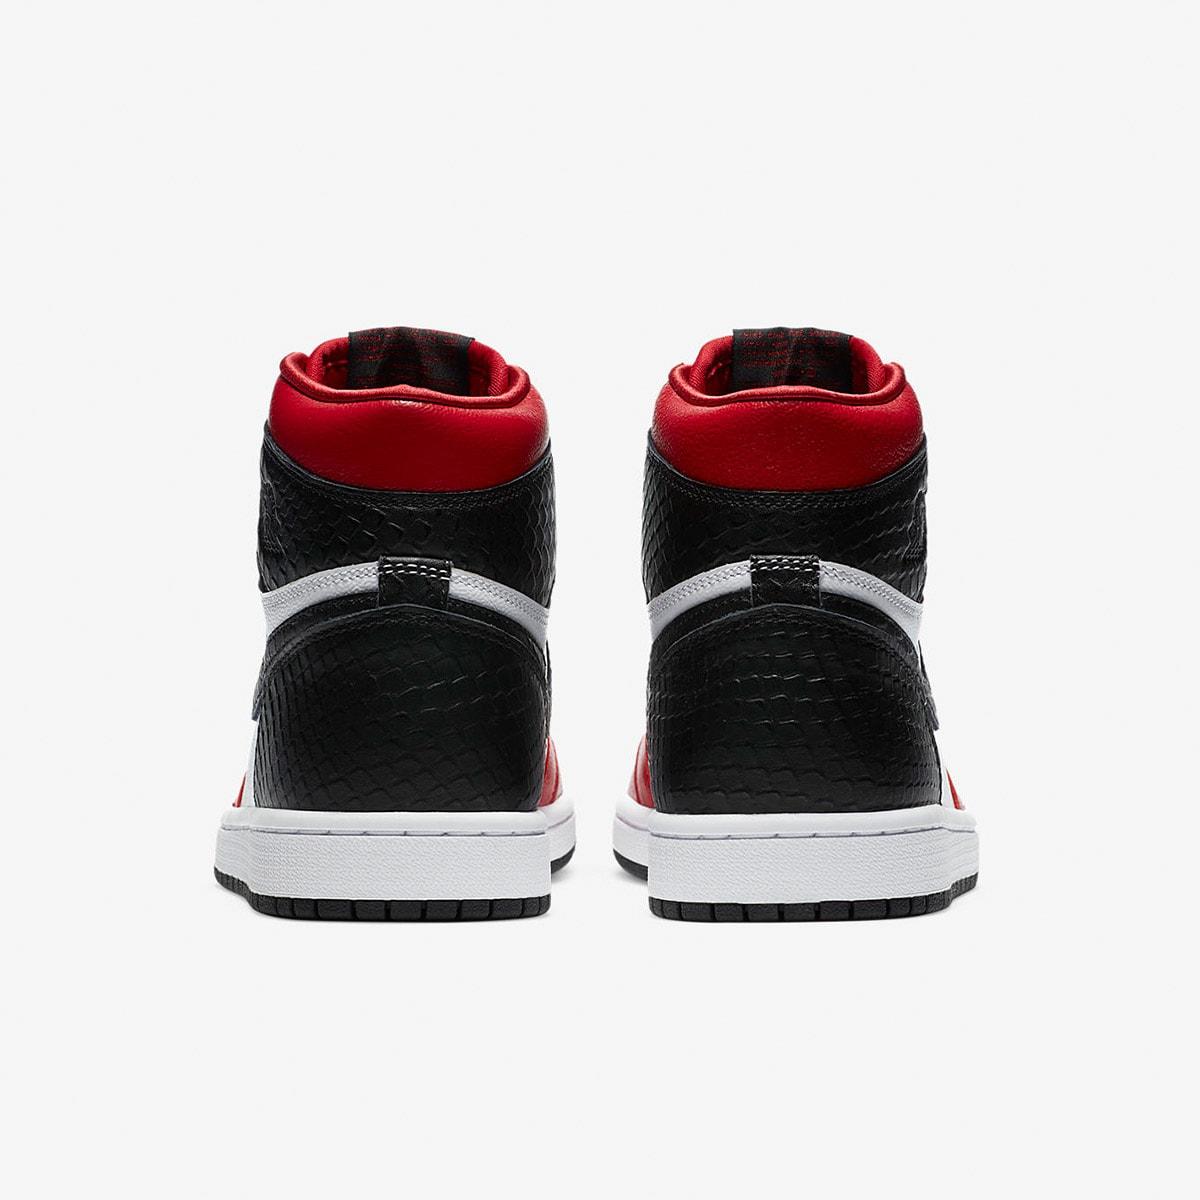 Air Jordan 1 High OG W - CD0461-601